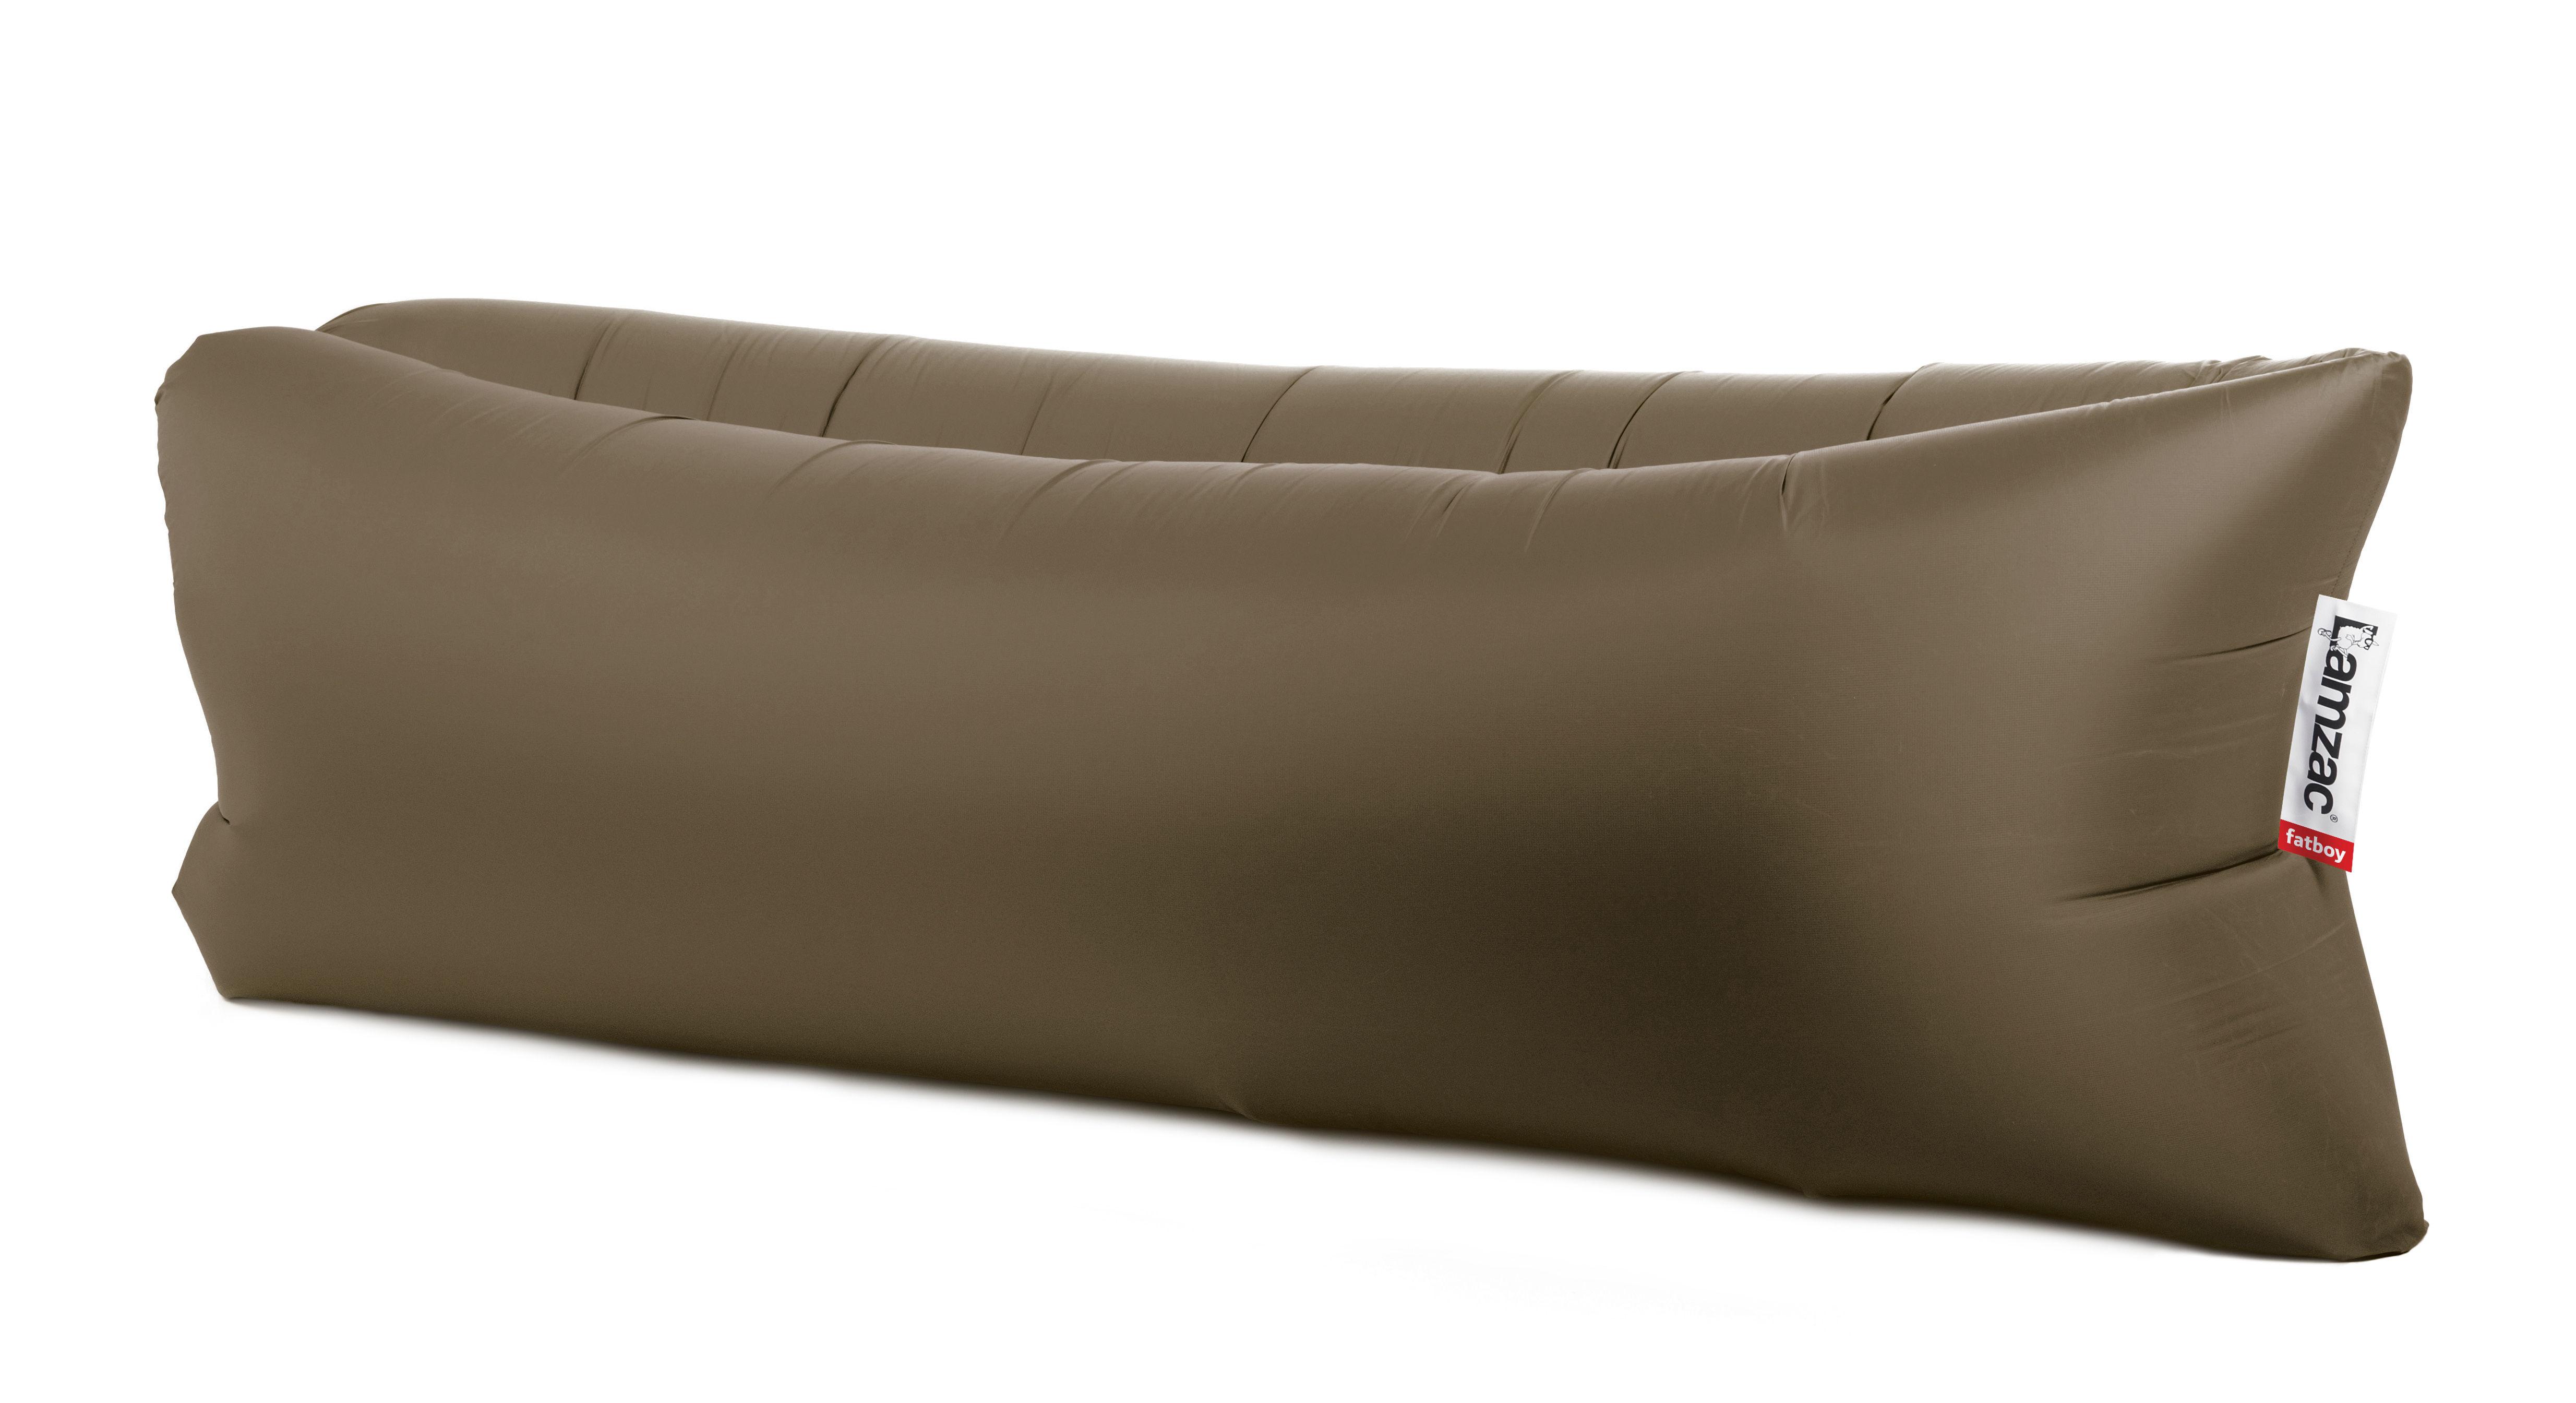 pouf lamzac the original gonflable l 200 cm vert olive fatboy made in design. Black Bedroom Furniture Sets. Home Design Ideas